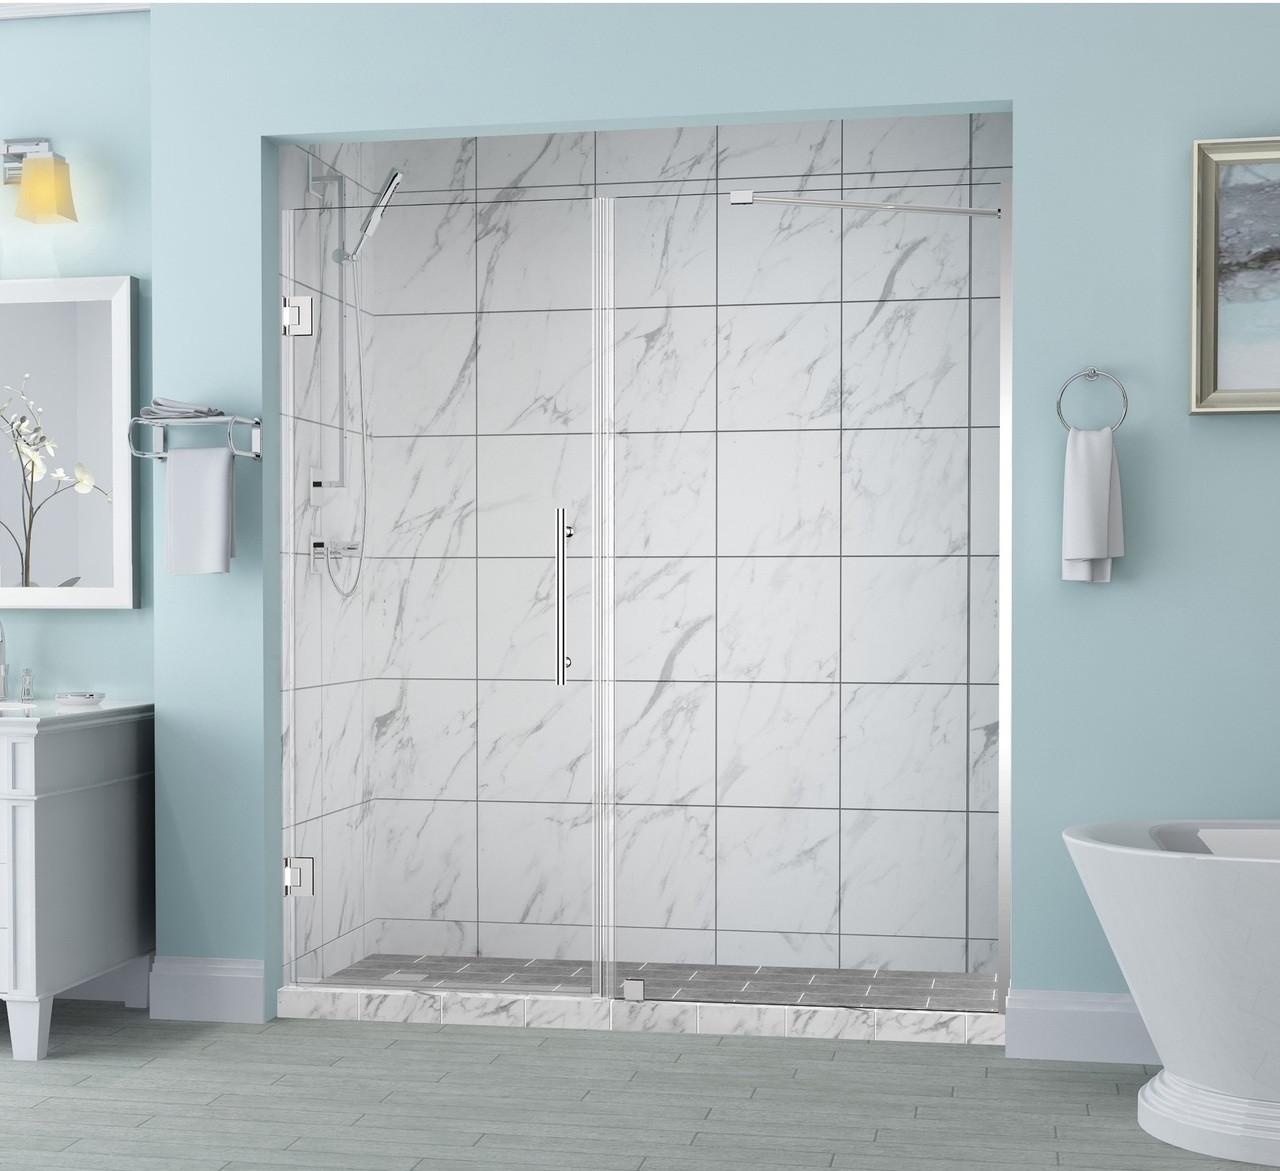 Sdr965 Belmore Frameless Hinged Shower Door With Starcast